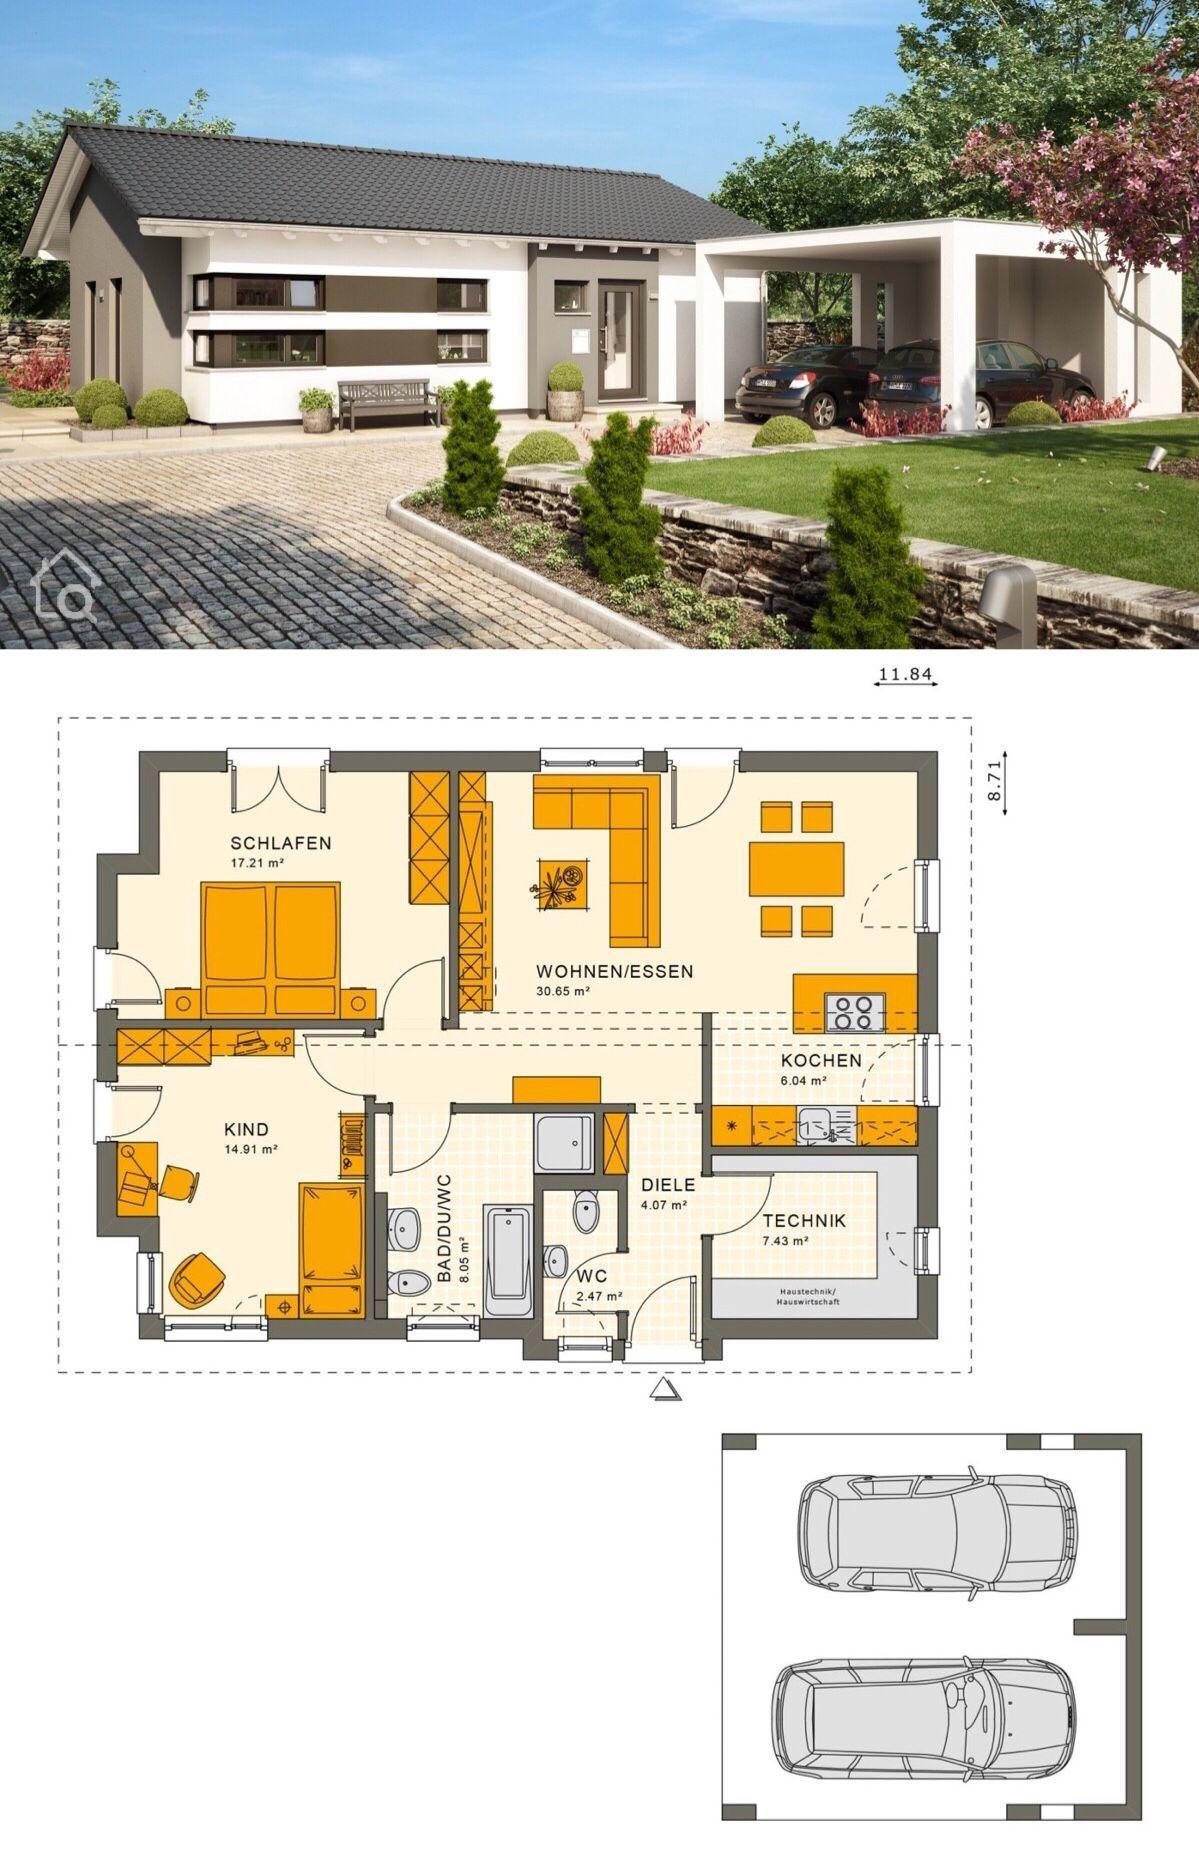 Bungalow Haus Mit Carport Garage Satteldach Architektur Grundriss Ebenerdig Barrierefrei 90 Qm 3 Zimmer E Fertighaus Bungalow Living Haus Haus Bungalow